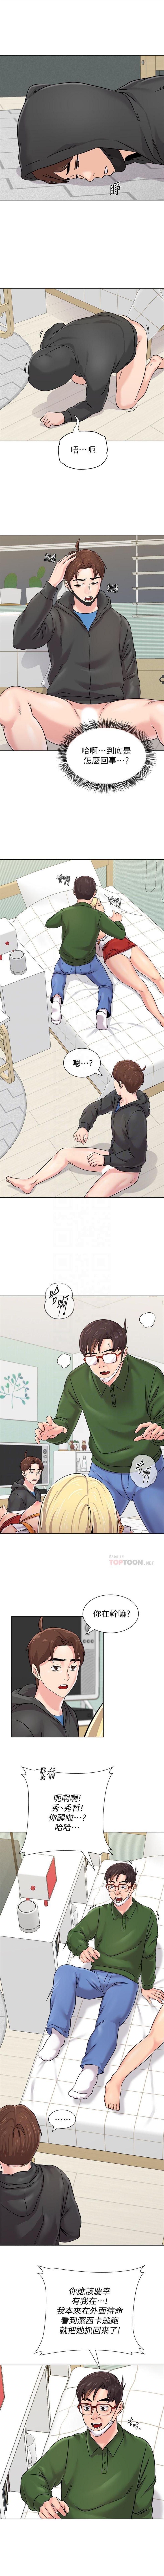 老師 1-80 官方中文(連載中) 525